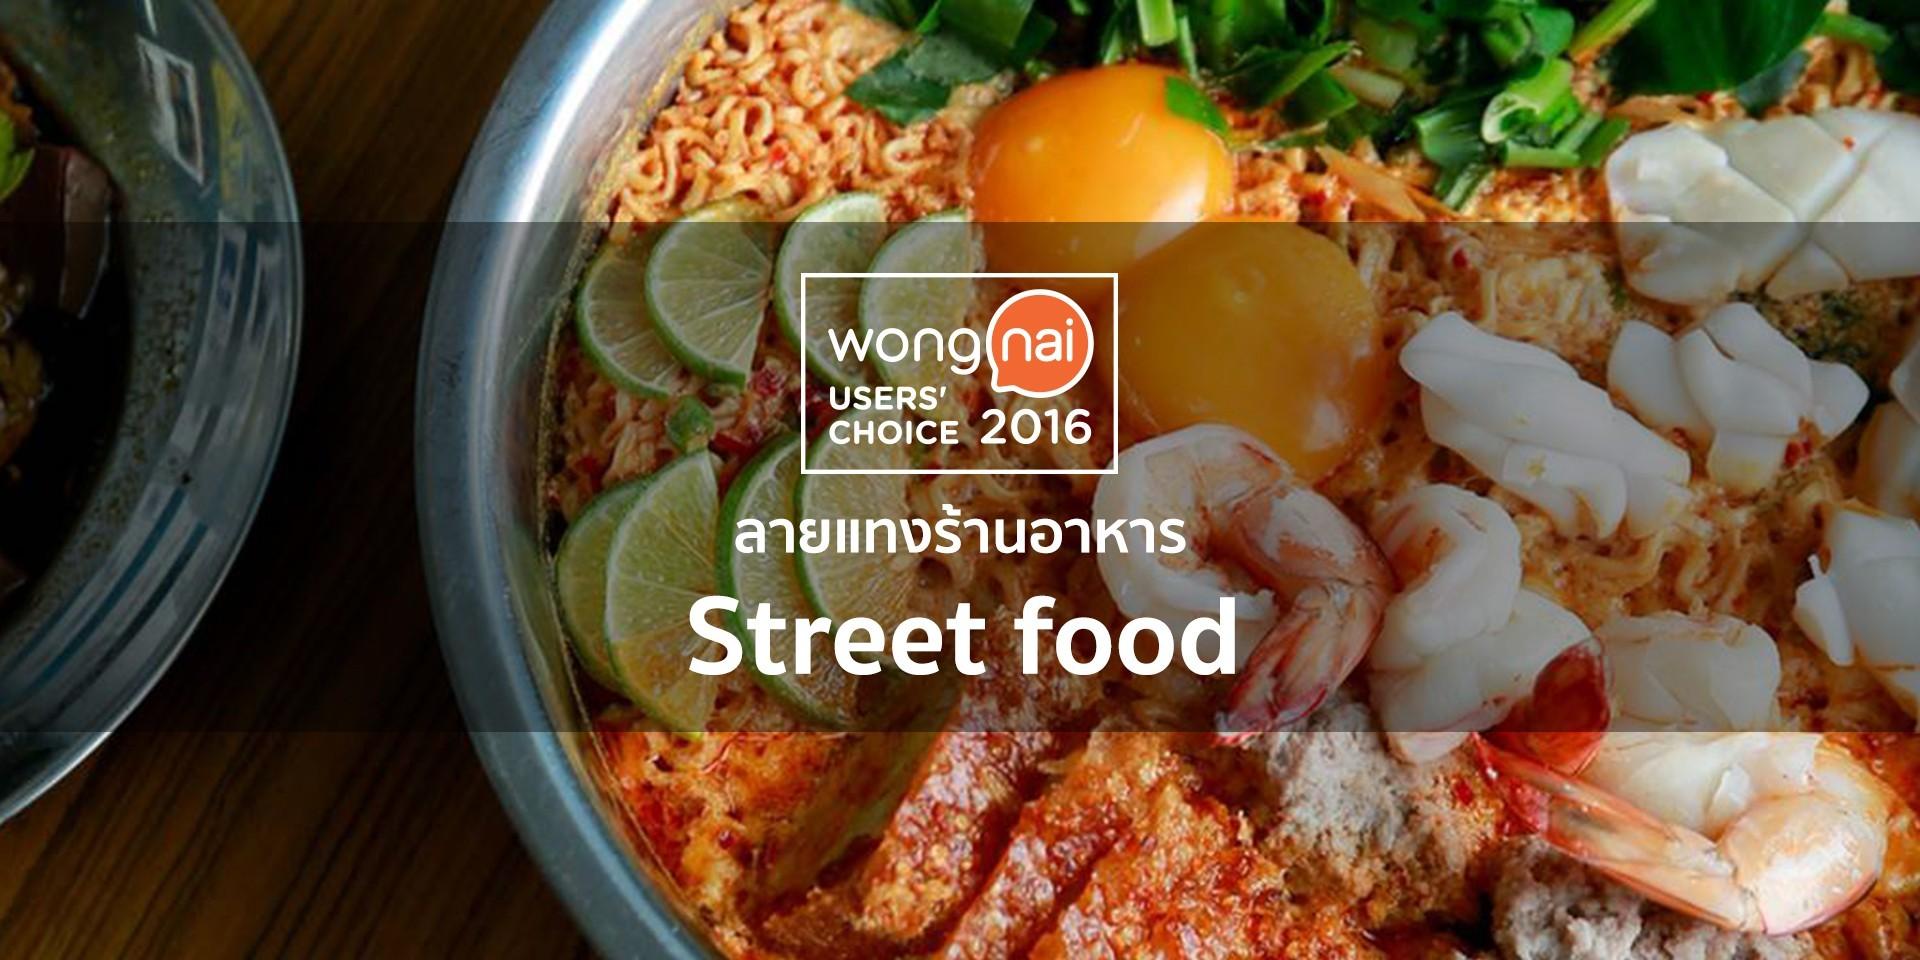 """39 ร้านสตรีทฟู้ดยอดนิยม จาก """"Wongnai Users' Choice 2016"""""""